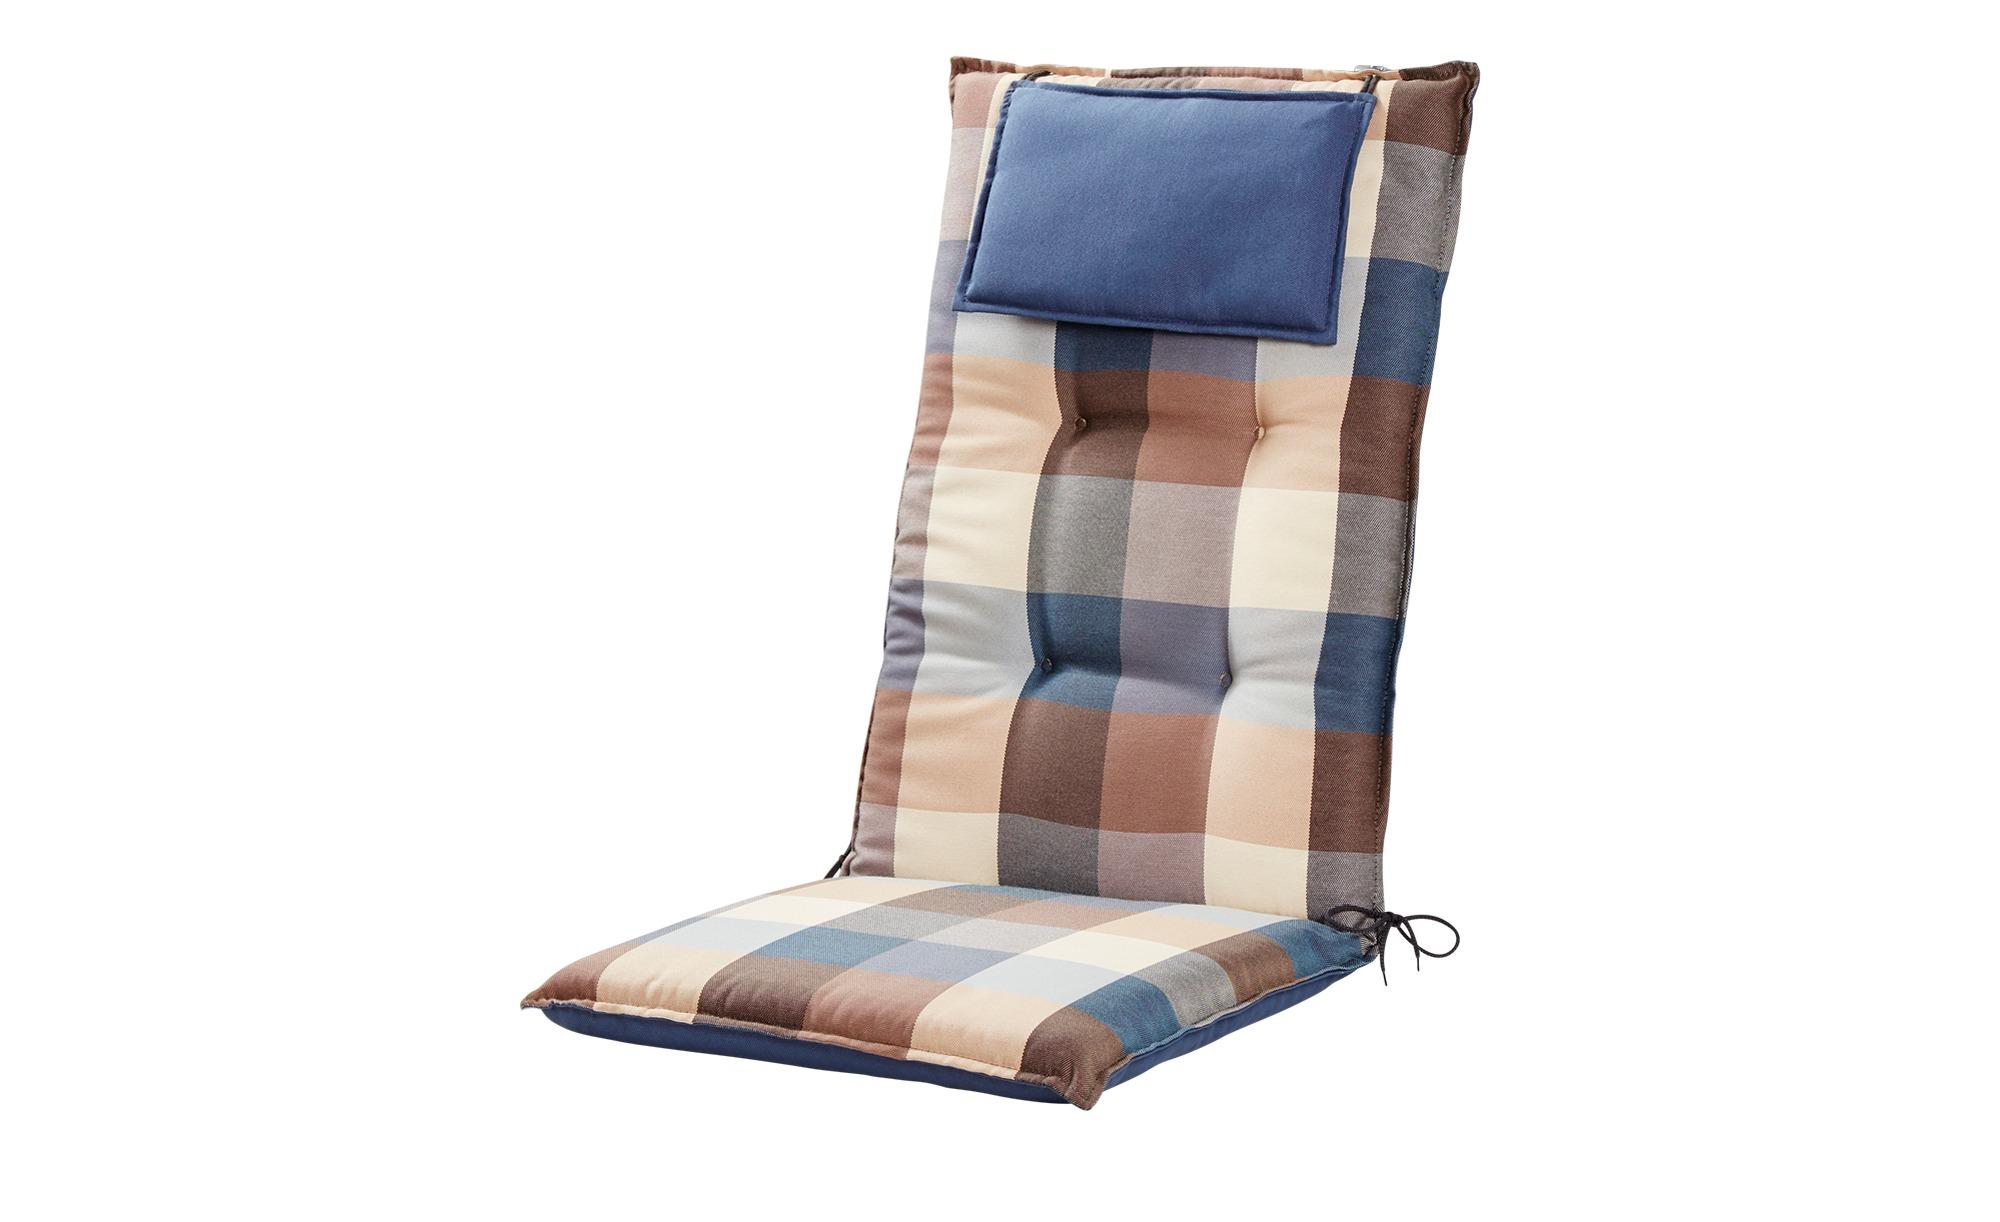 GO-DE Wendeauflage - blau - 50 cm - 7 cm - Garten > Auflagen & Kissen - Möbel Kraft | Garten > Gartenmöbel > Sitzauflagen | GO-DE